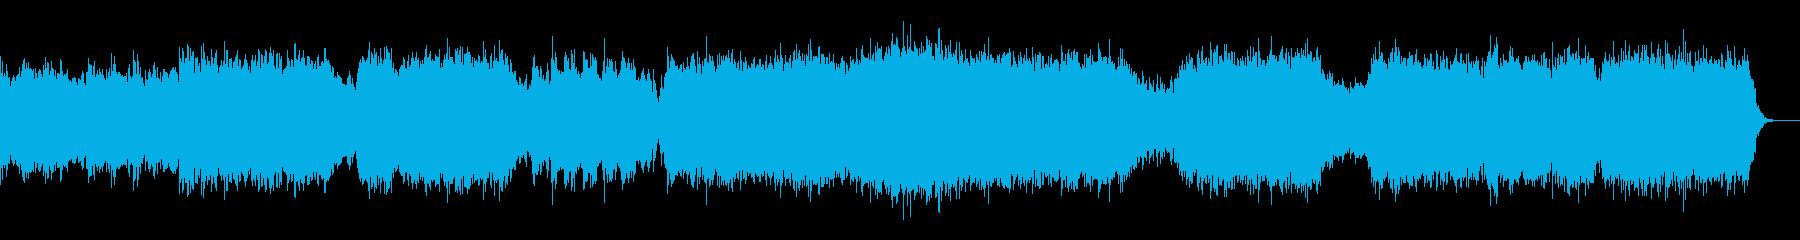 ブルックグリーン組曲より第二楽章エアーの再生済みの波形